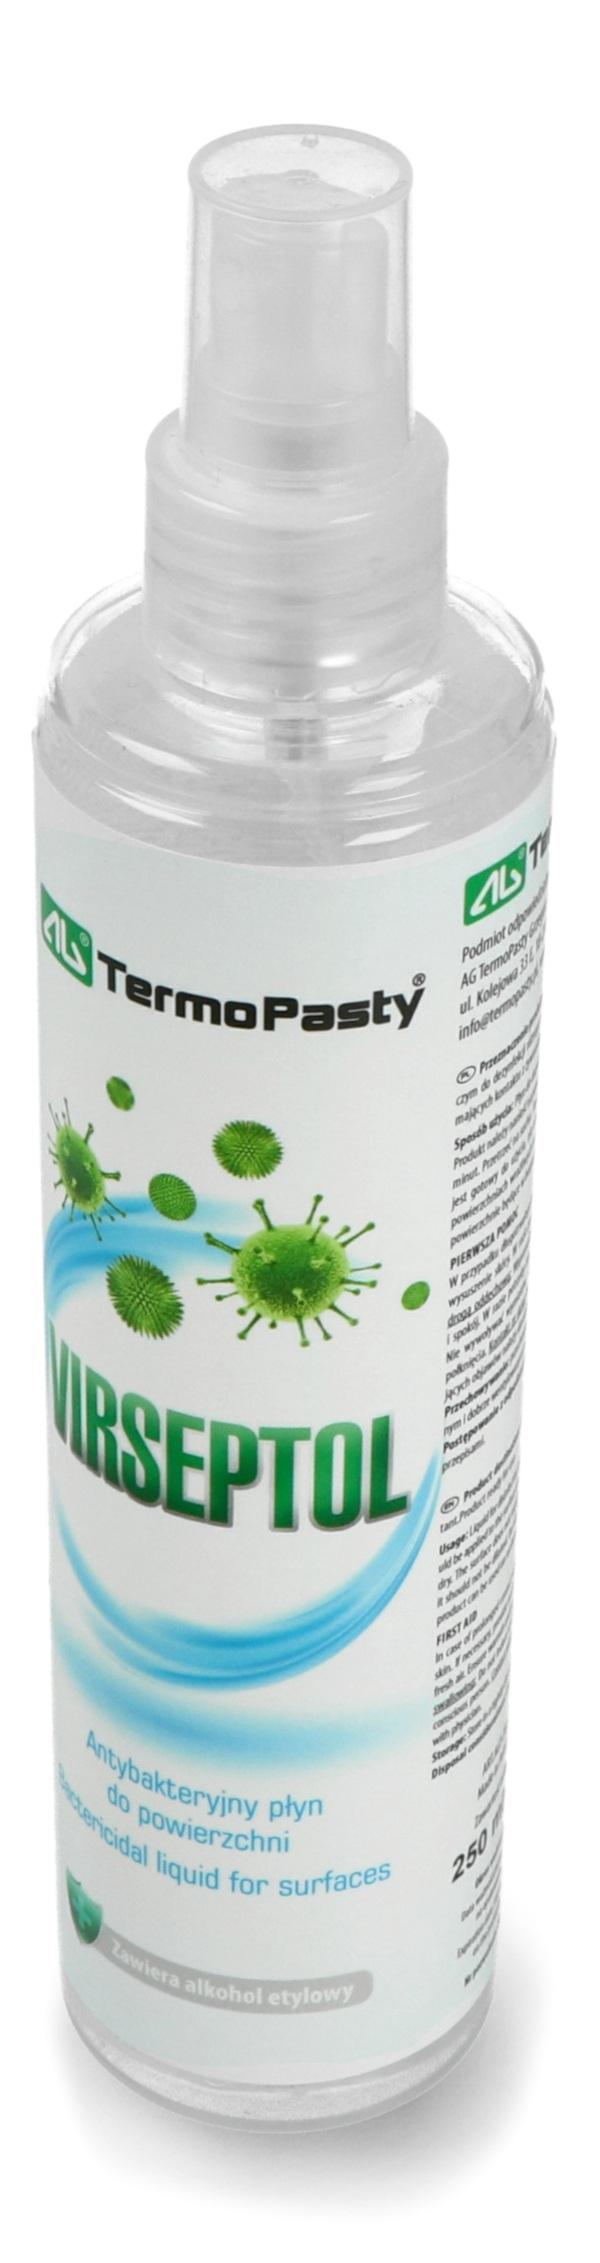 Antybakteryjny płyn do powierzchni Virseptol 250 ml